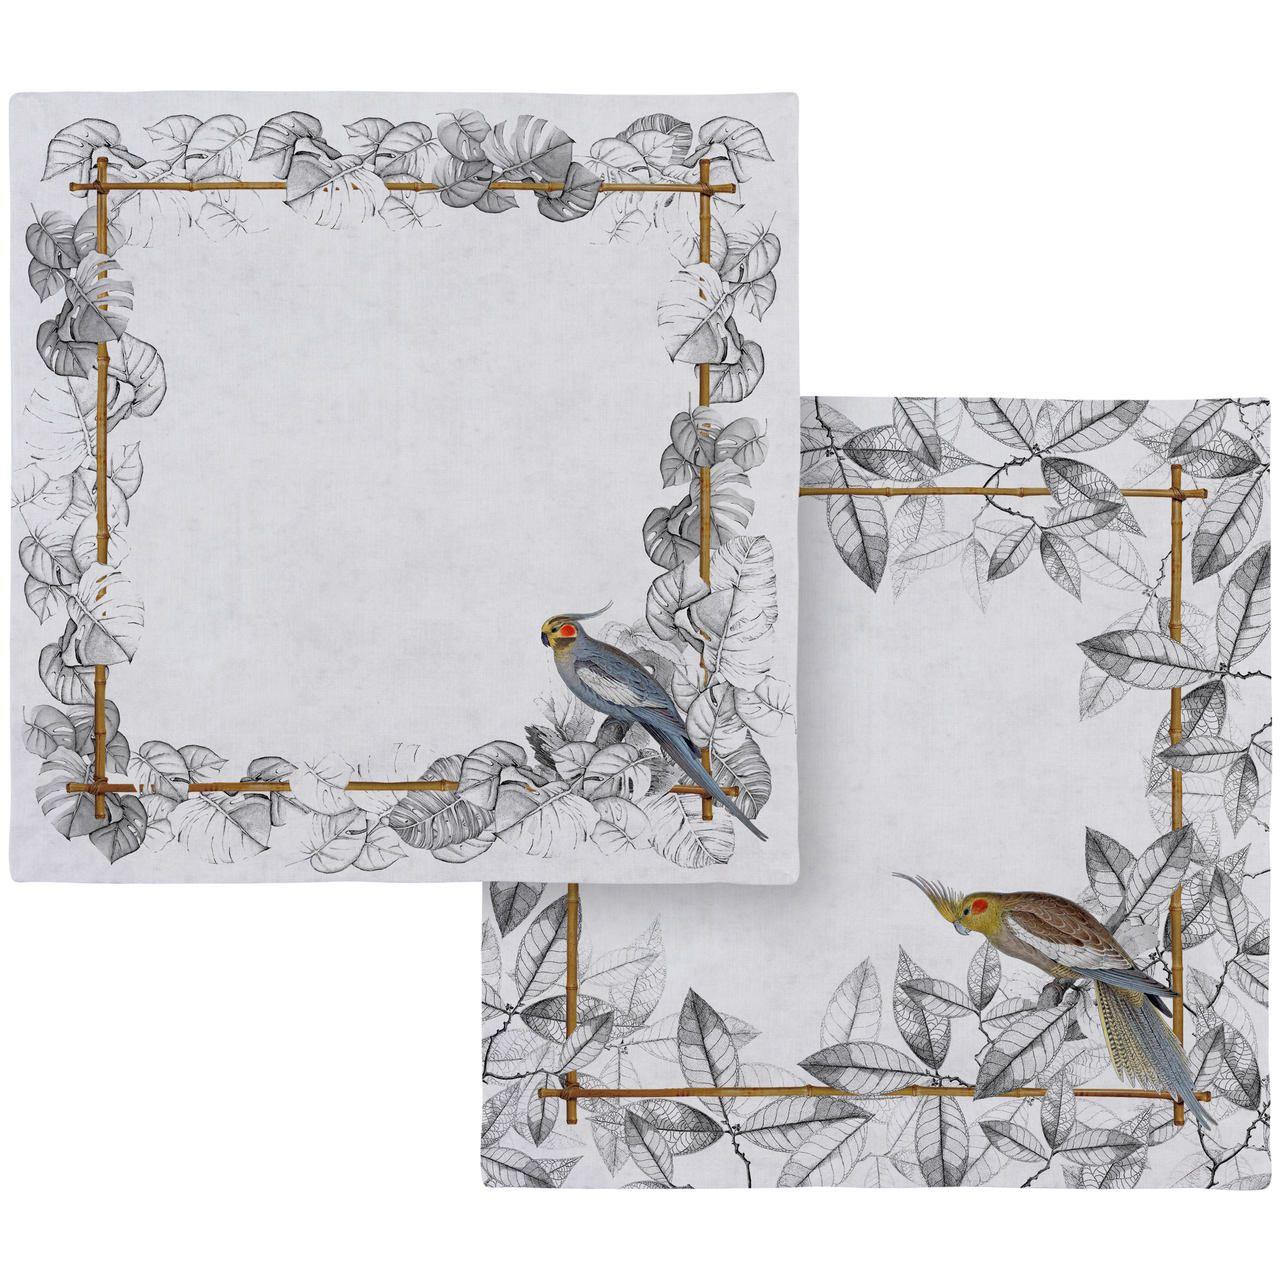 Guardanapo de Linho Colorfull Birds (06 Unidades) Cód.: 3885 - MB